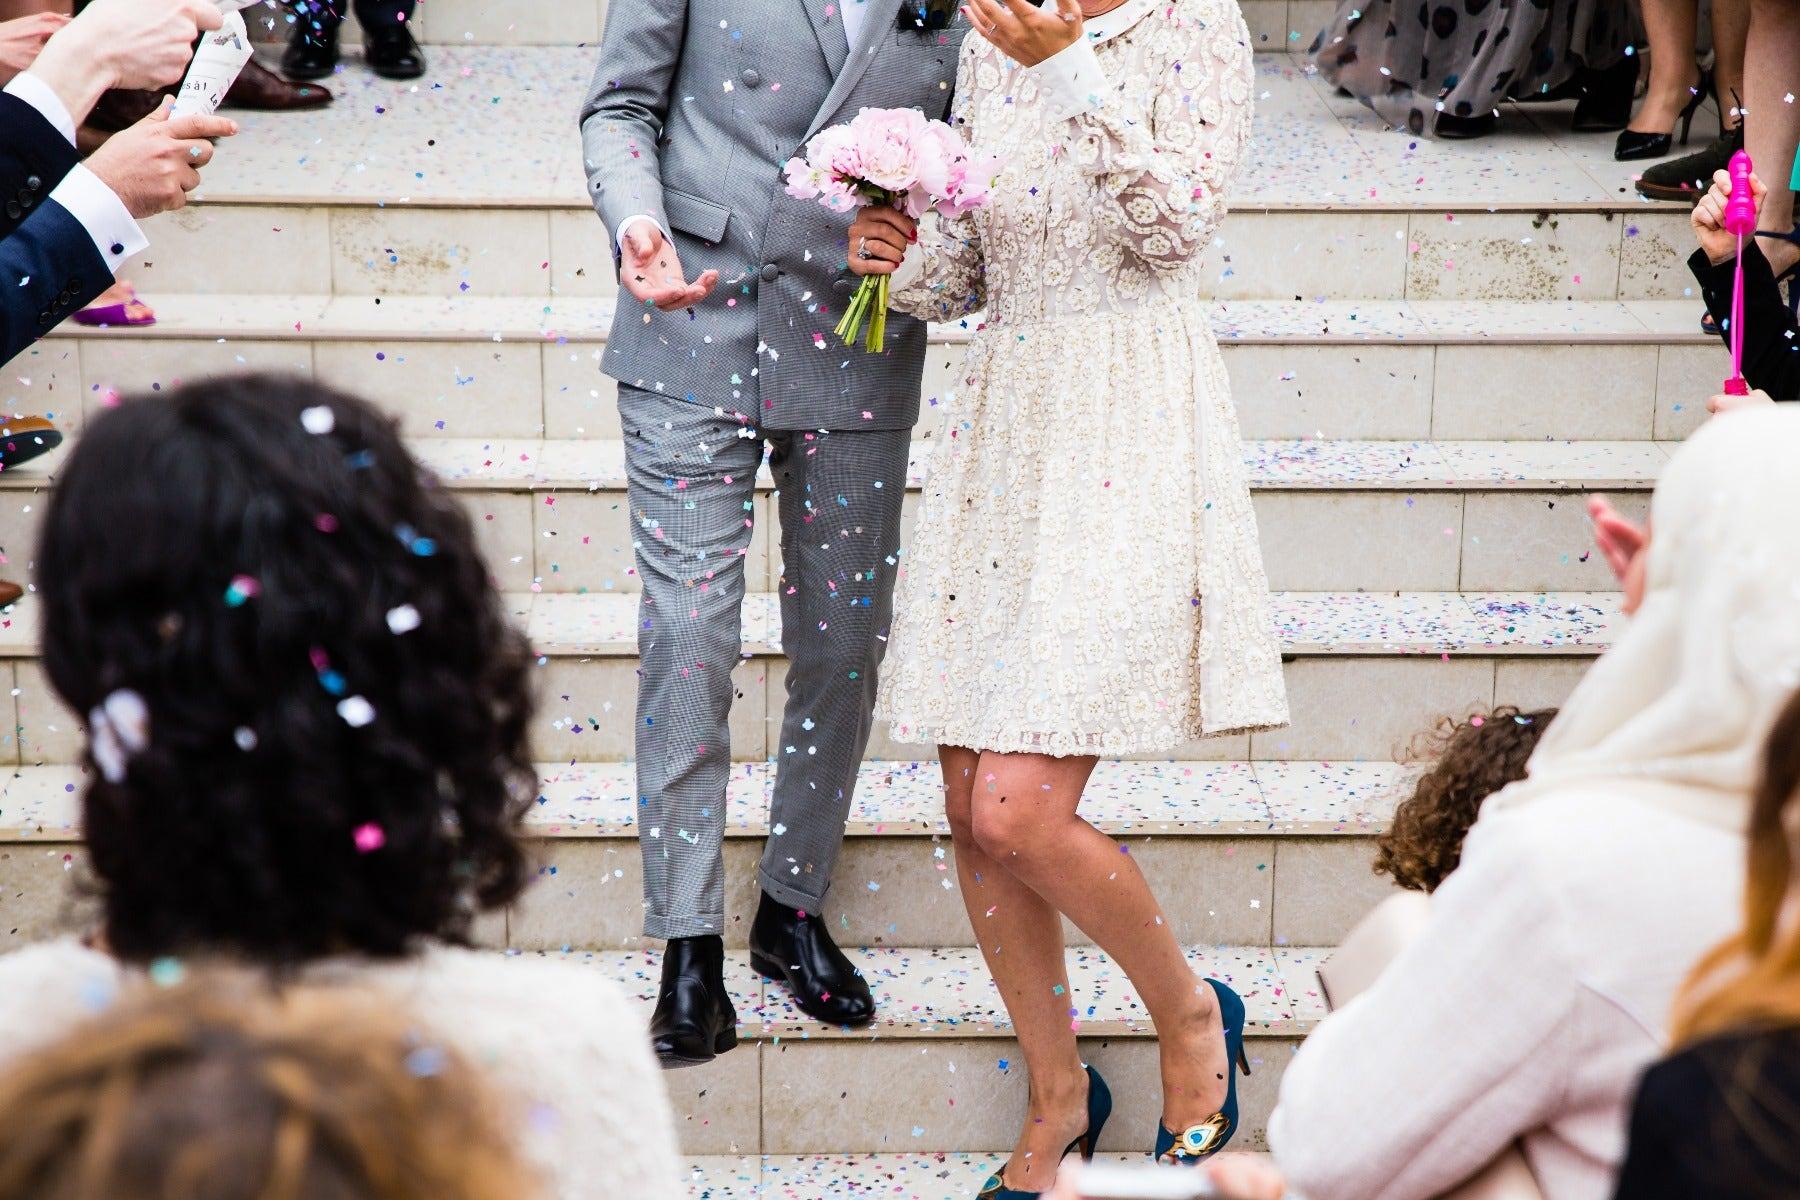 Wedding throwing confetti